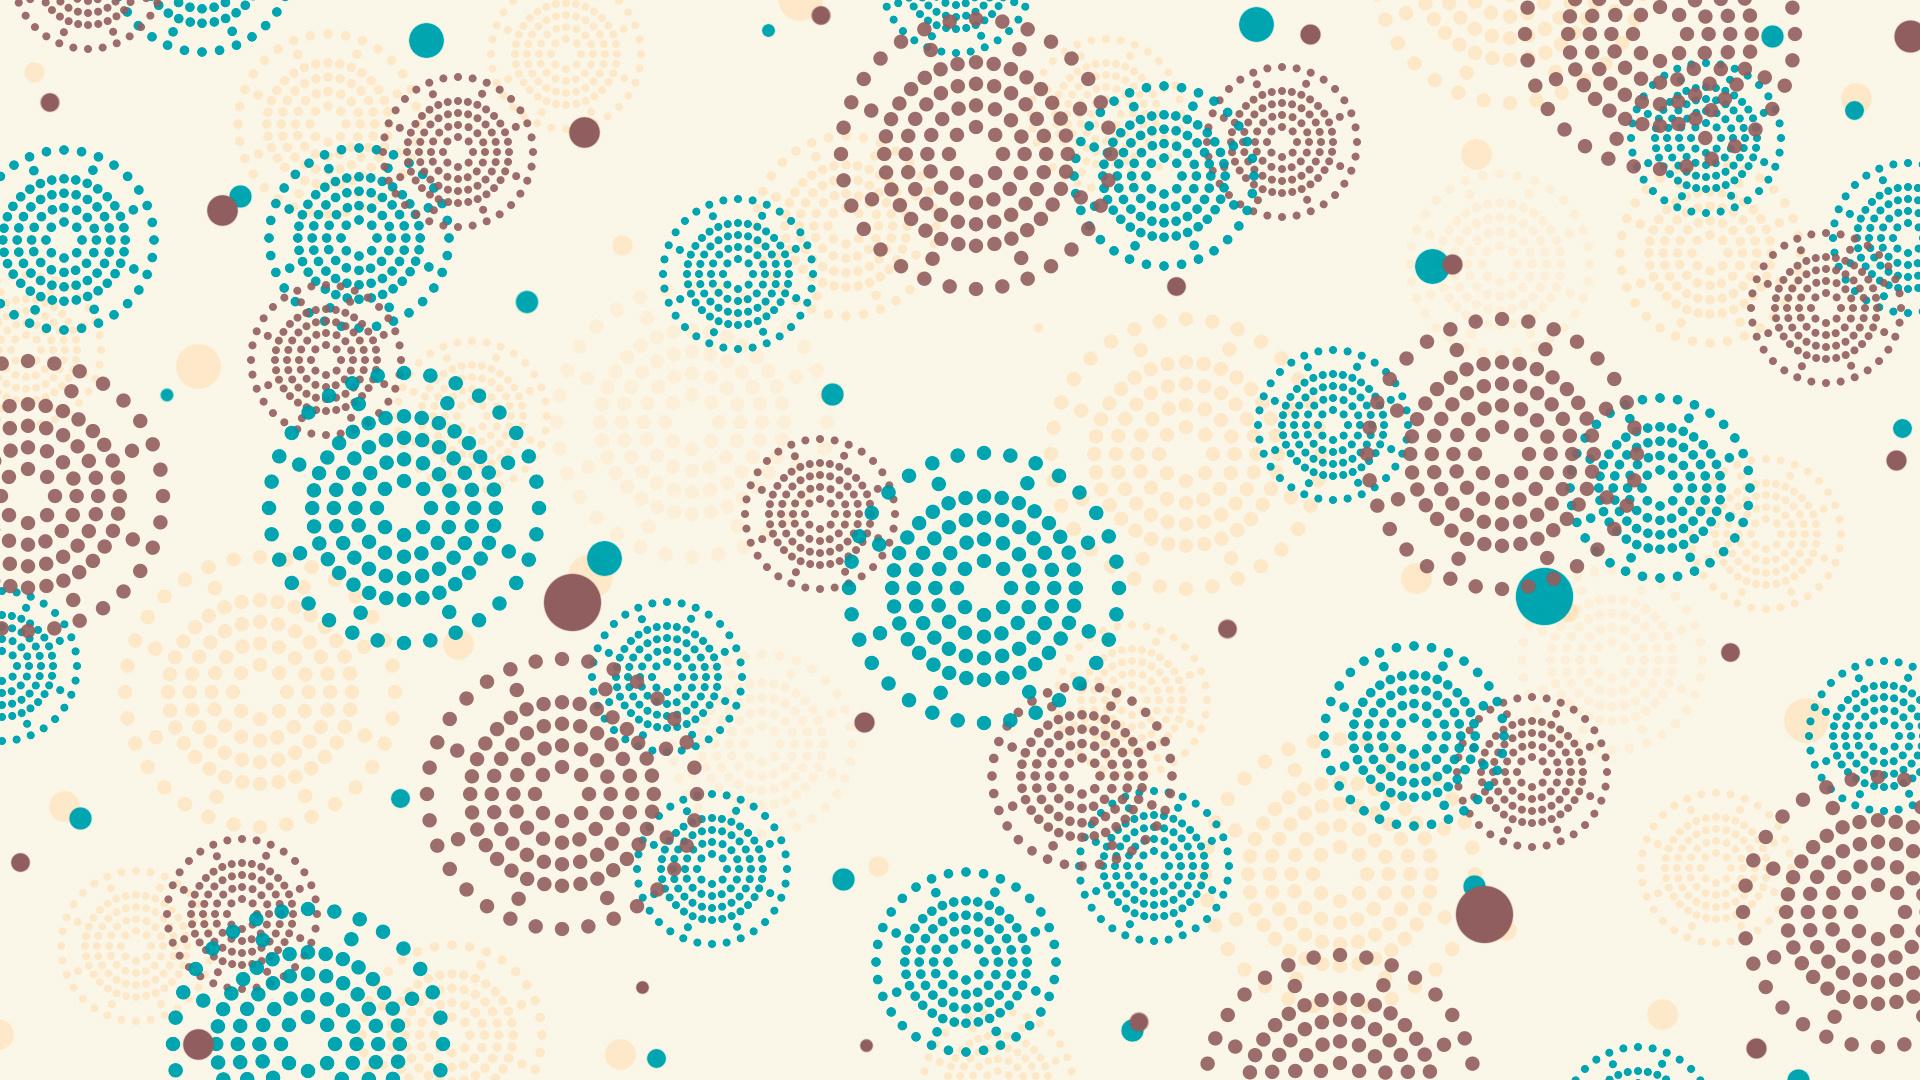 графика абстракция круги цвета  № 2063646 бесплатно